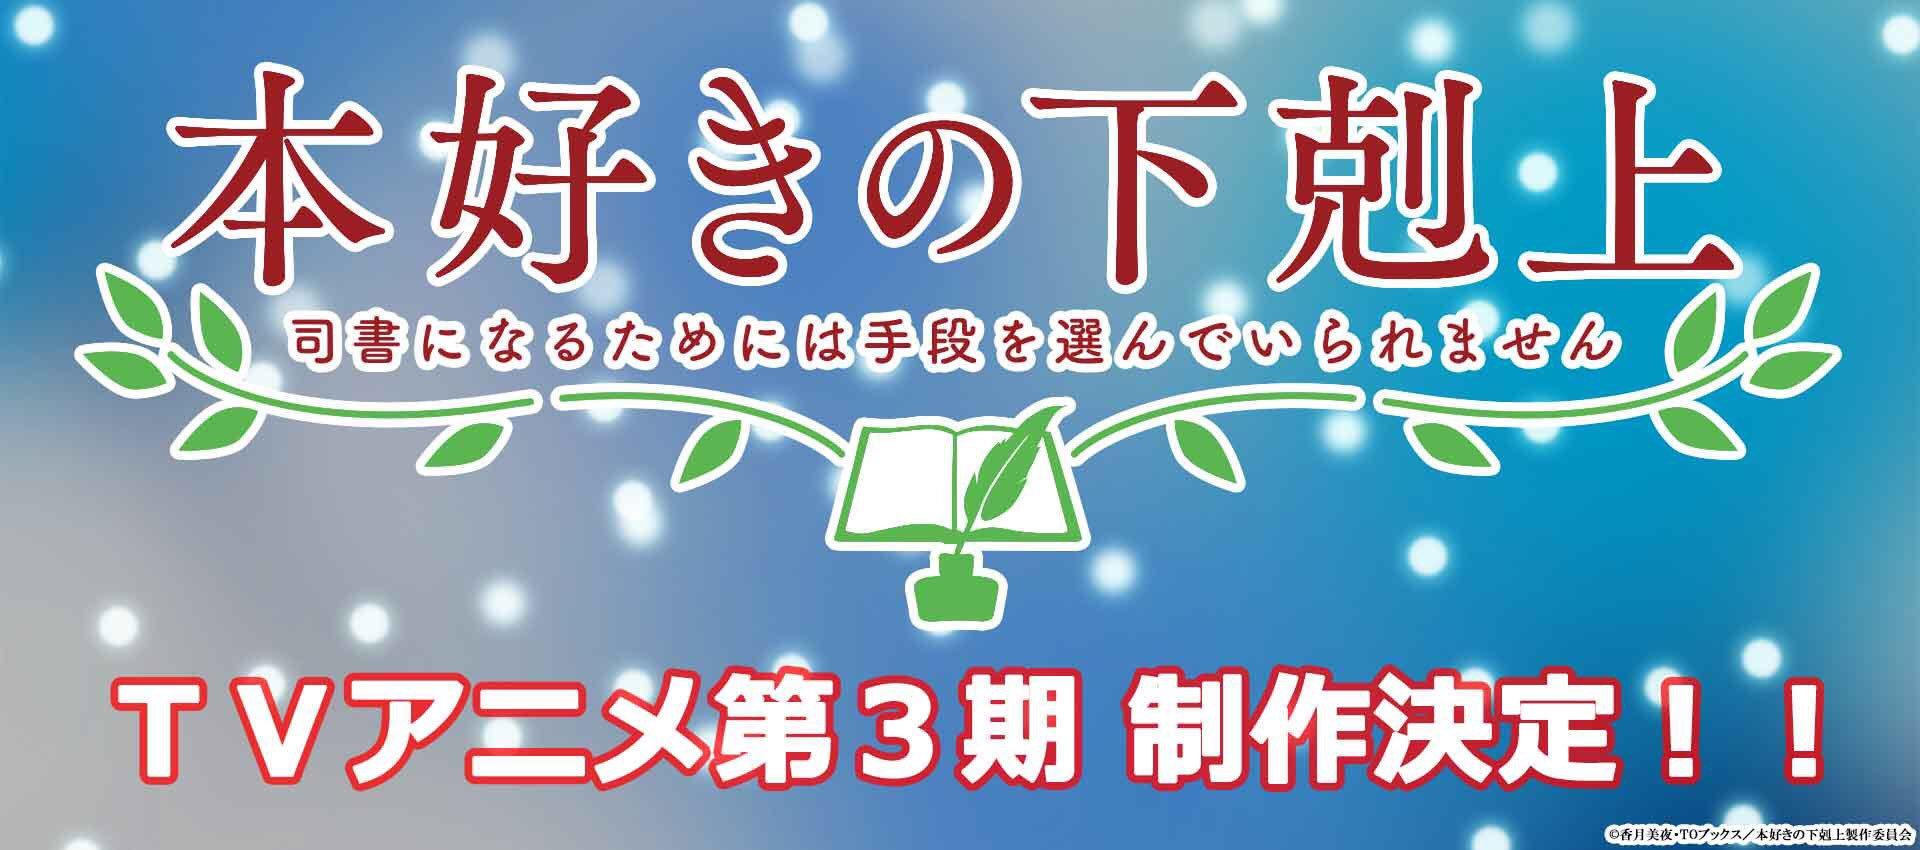 【动漫情报】TV动画《小书痴的下克上》第3季制作决定! 